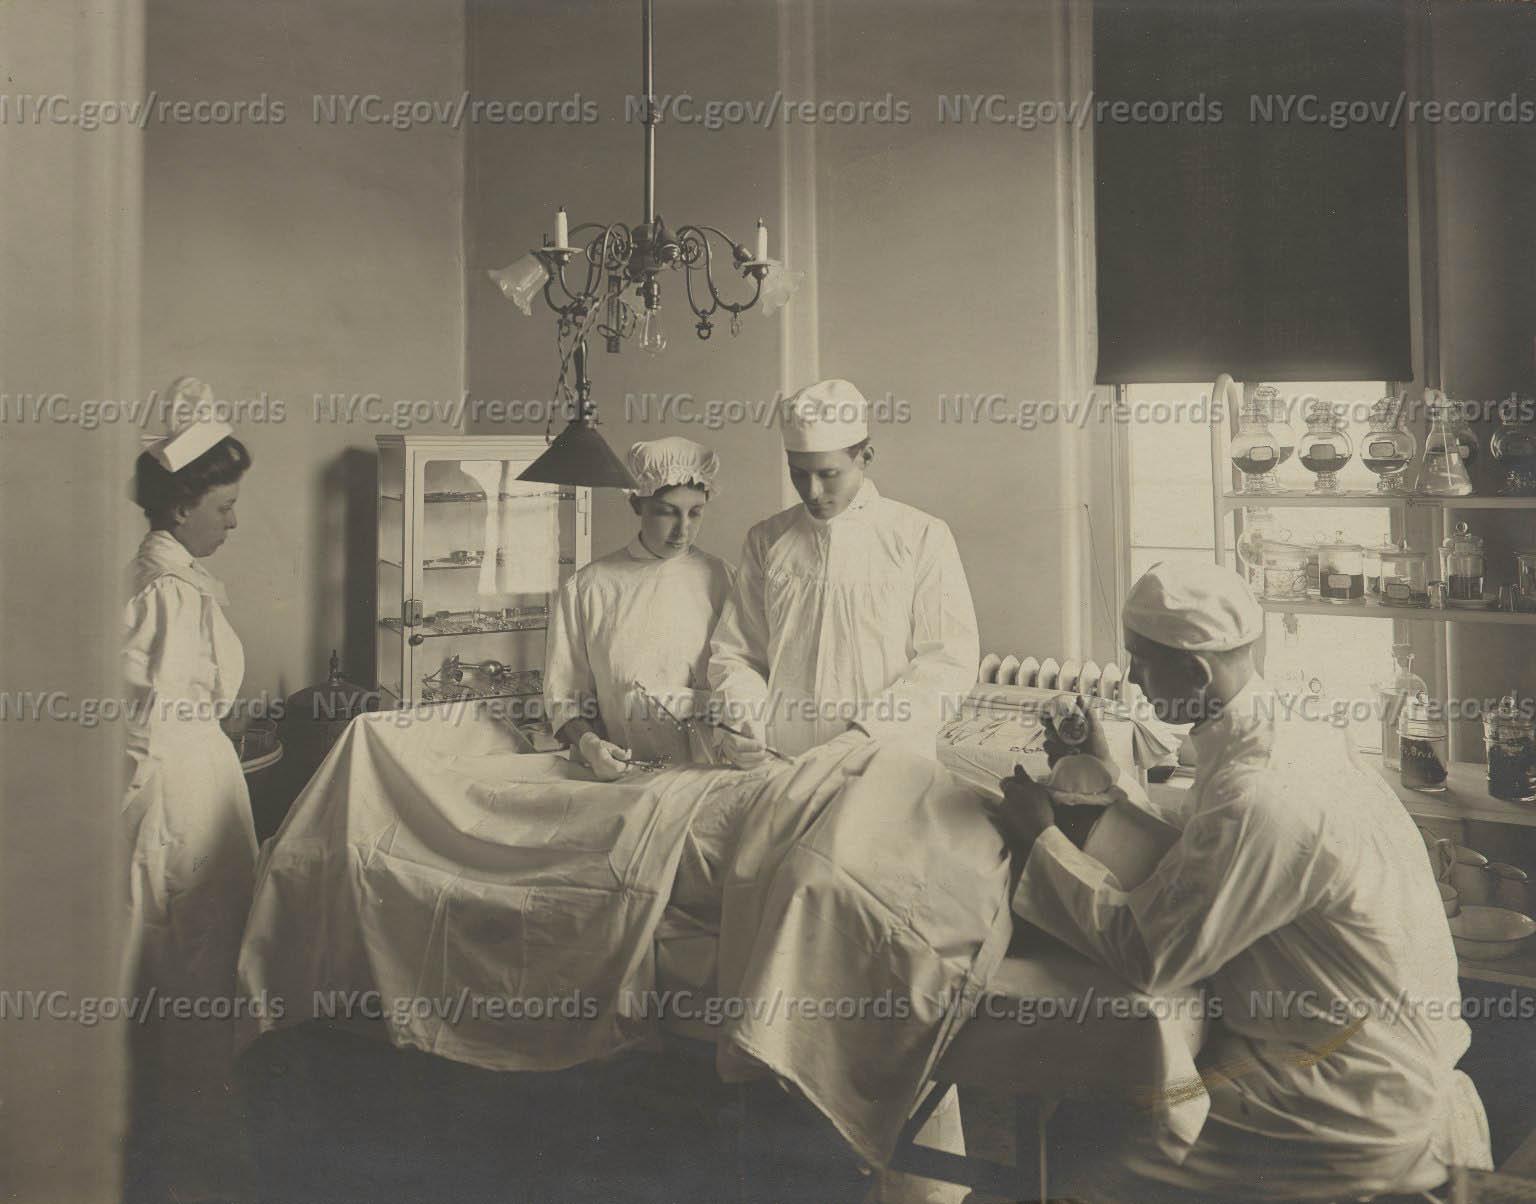 Bradford Street Hospital Operating Room: Surgeon, anesthetist, nurses, patient on table.